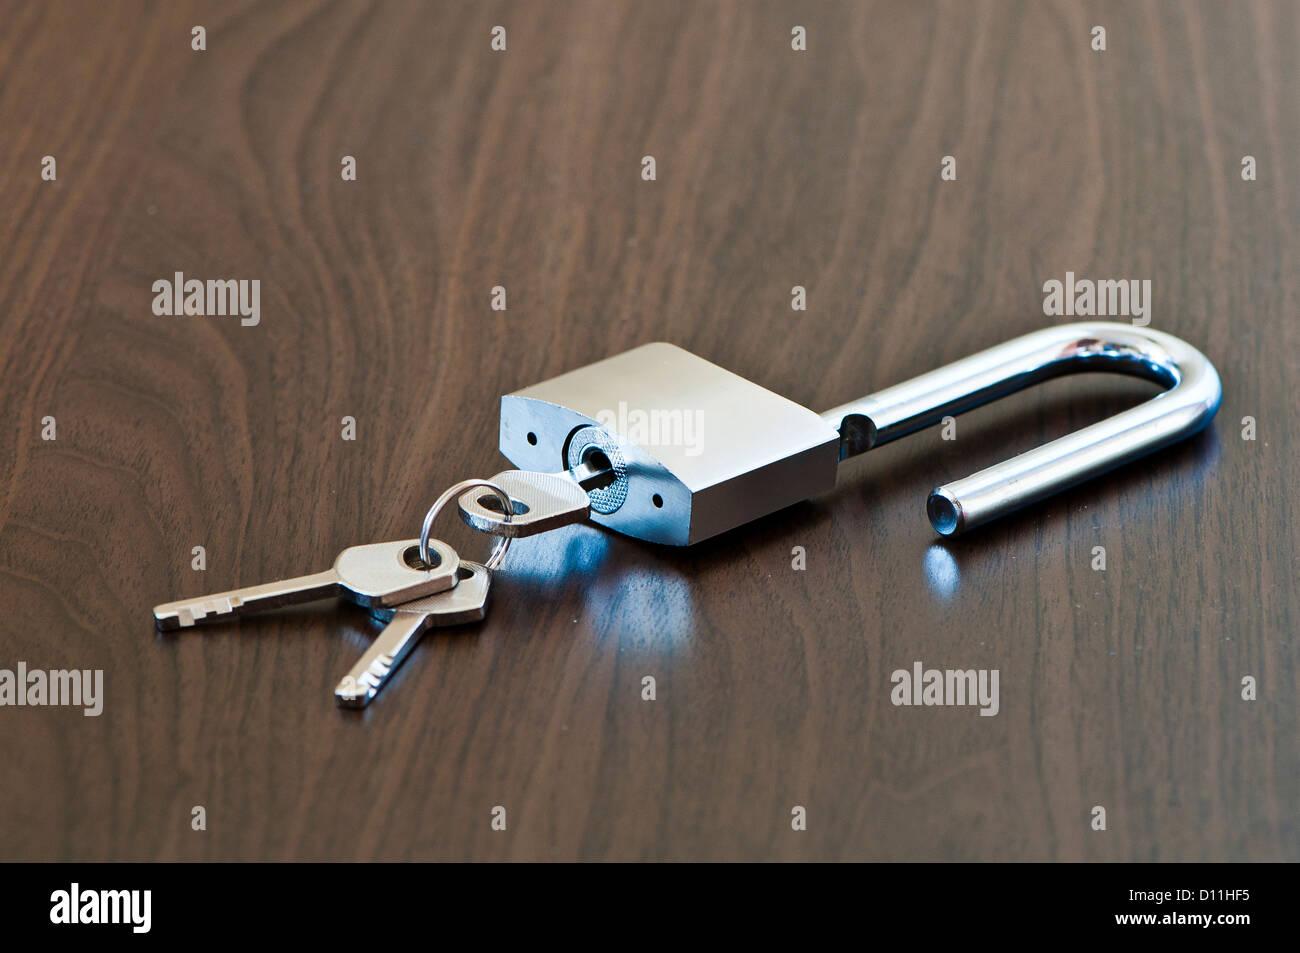 Un cadenas ouvert et la clé sur la table marron Photo Stock